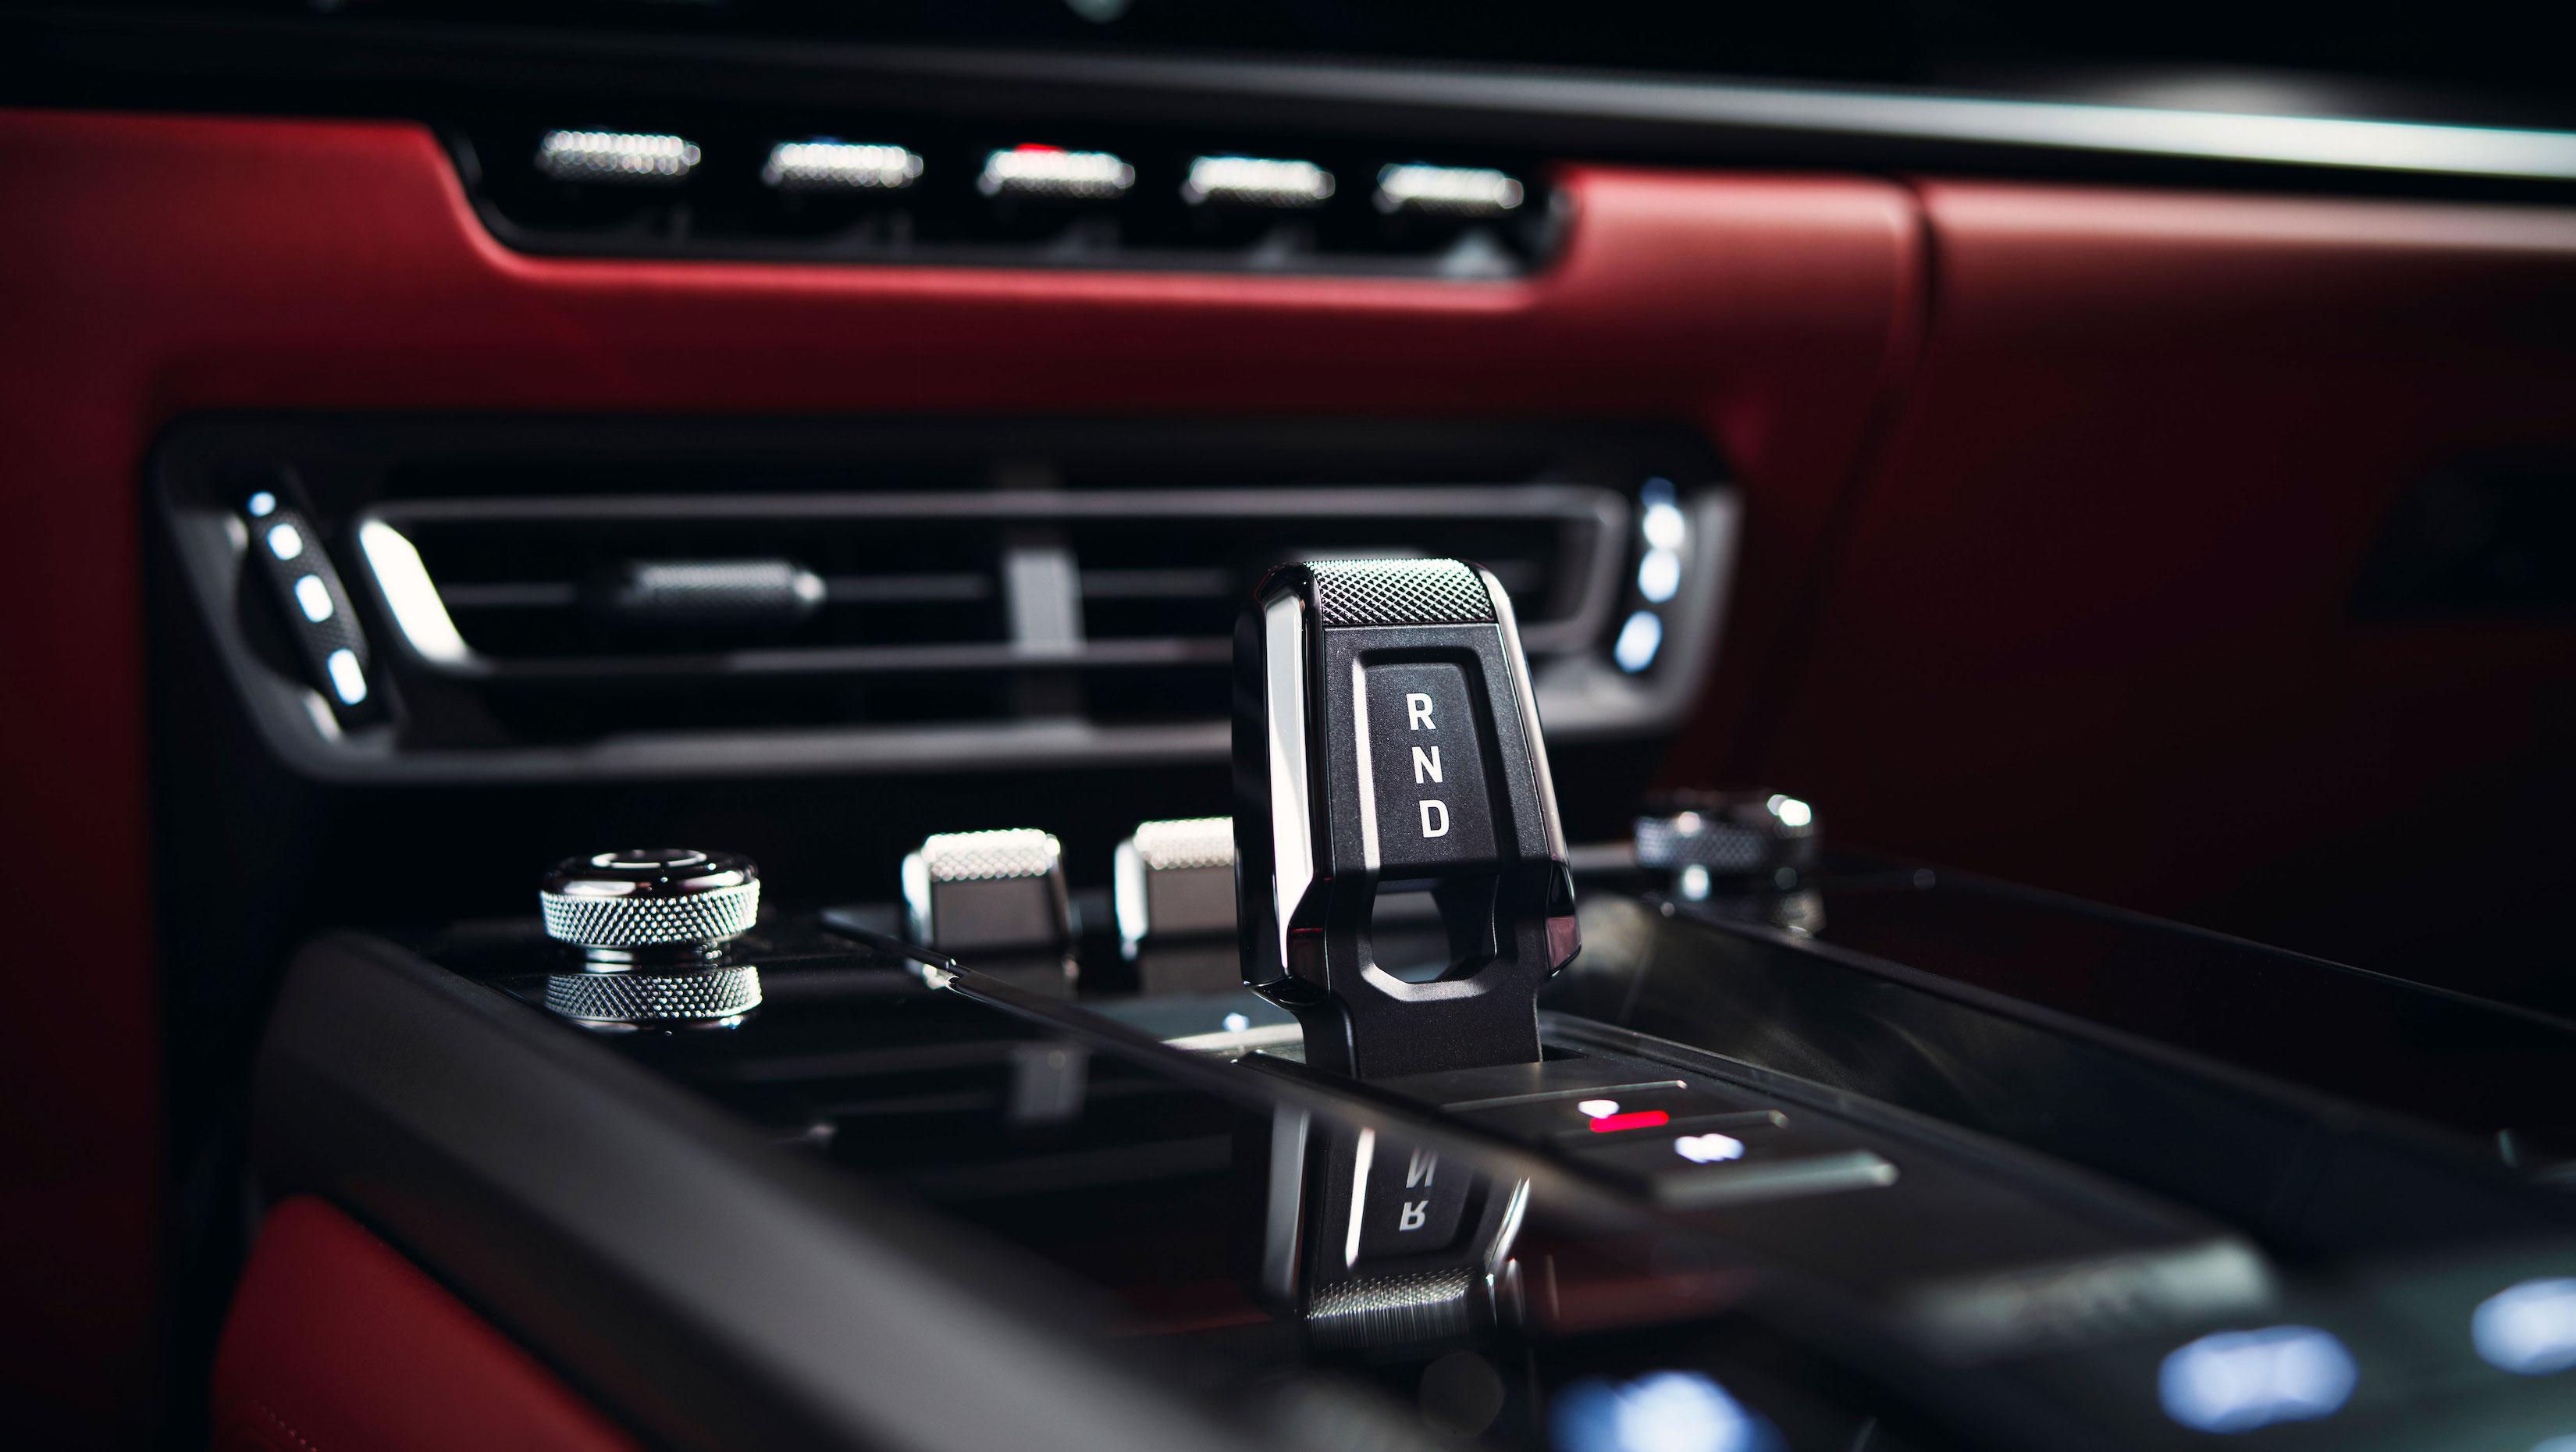 Porsche 911 Carrera buttons